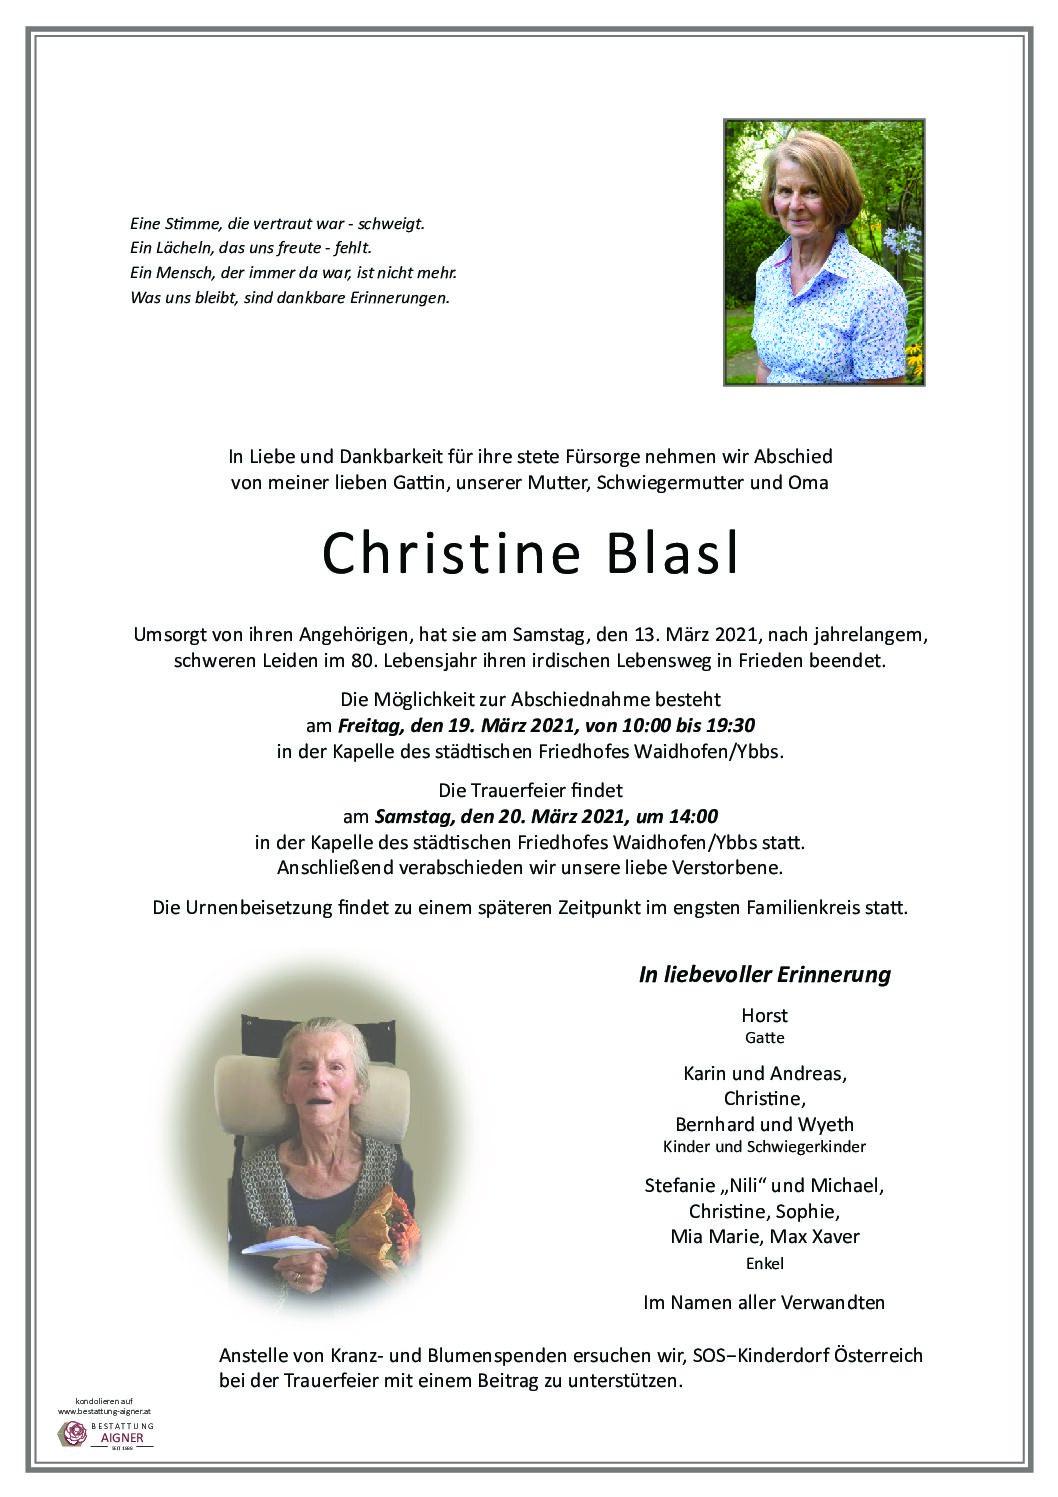 Christine Blasl